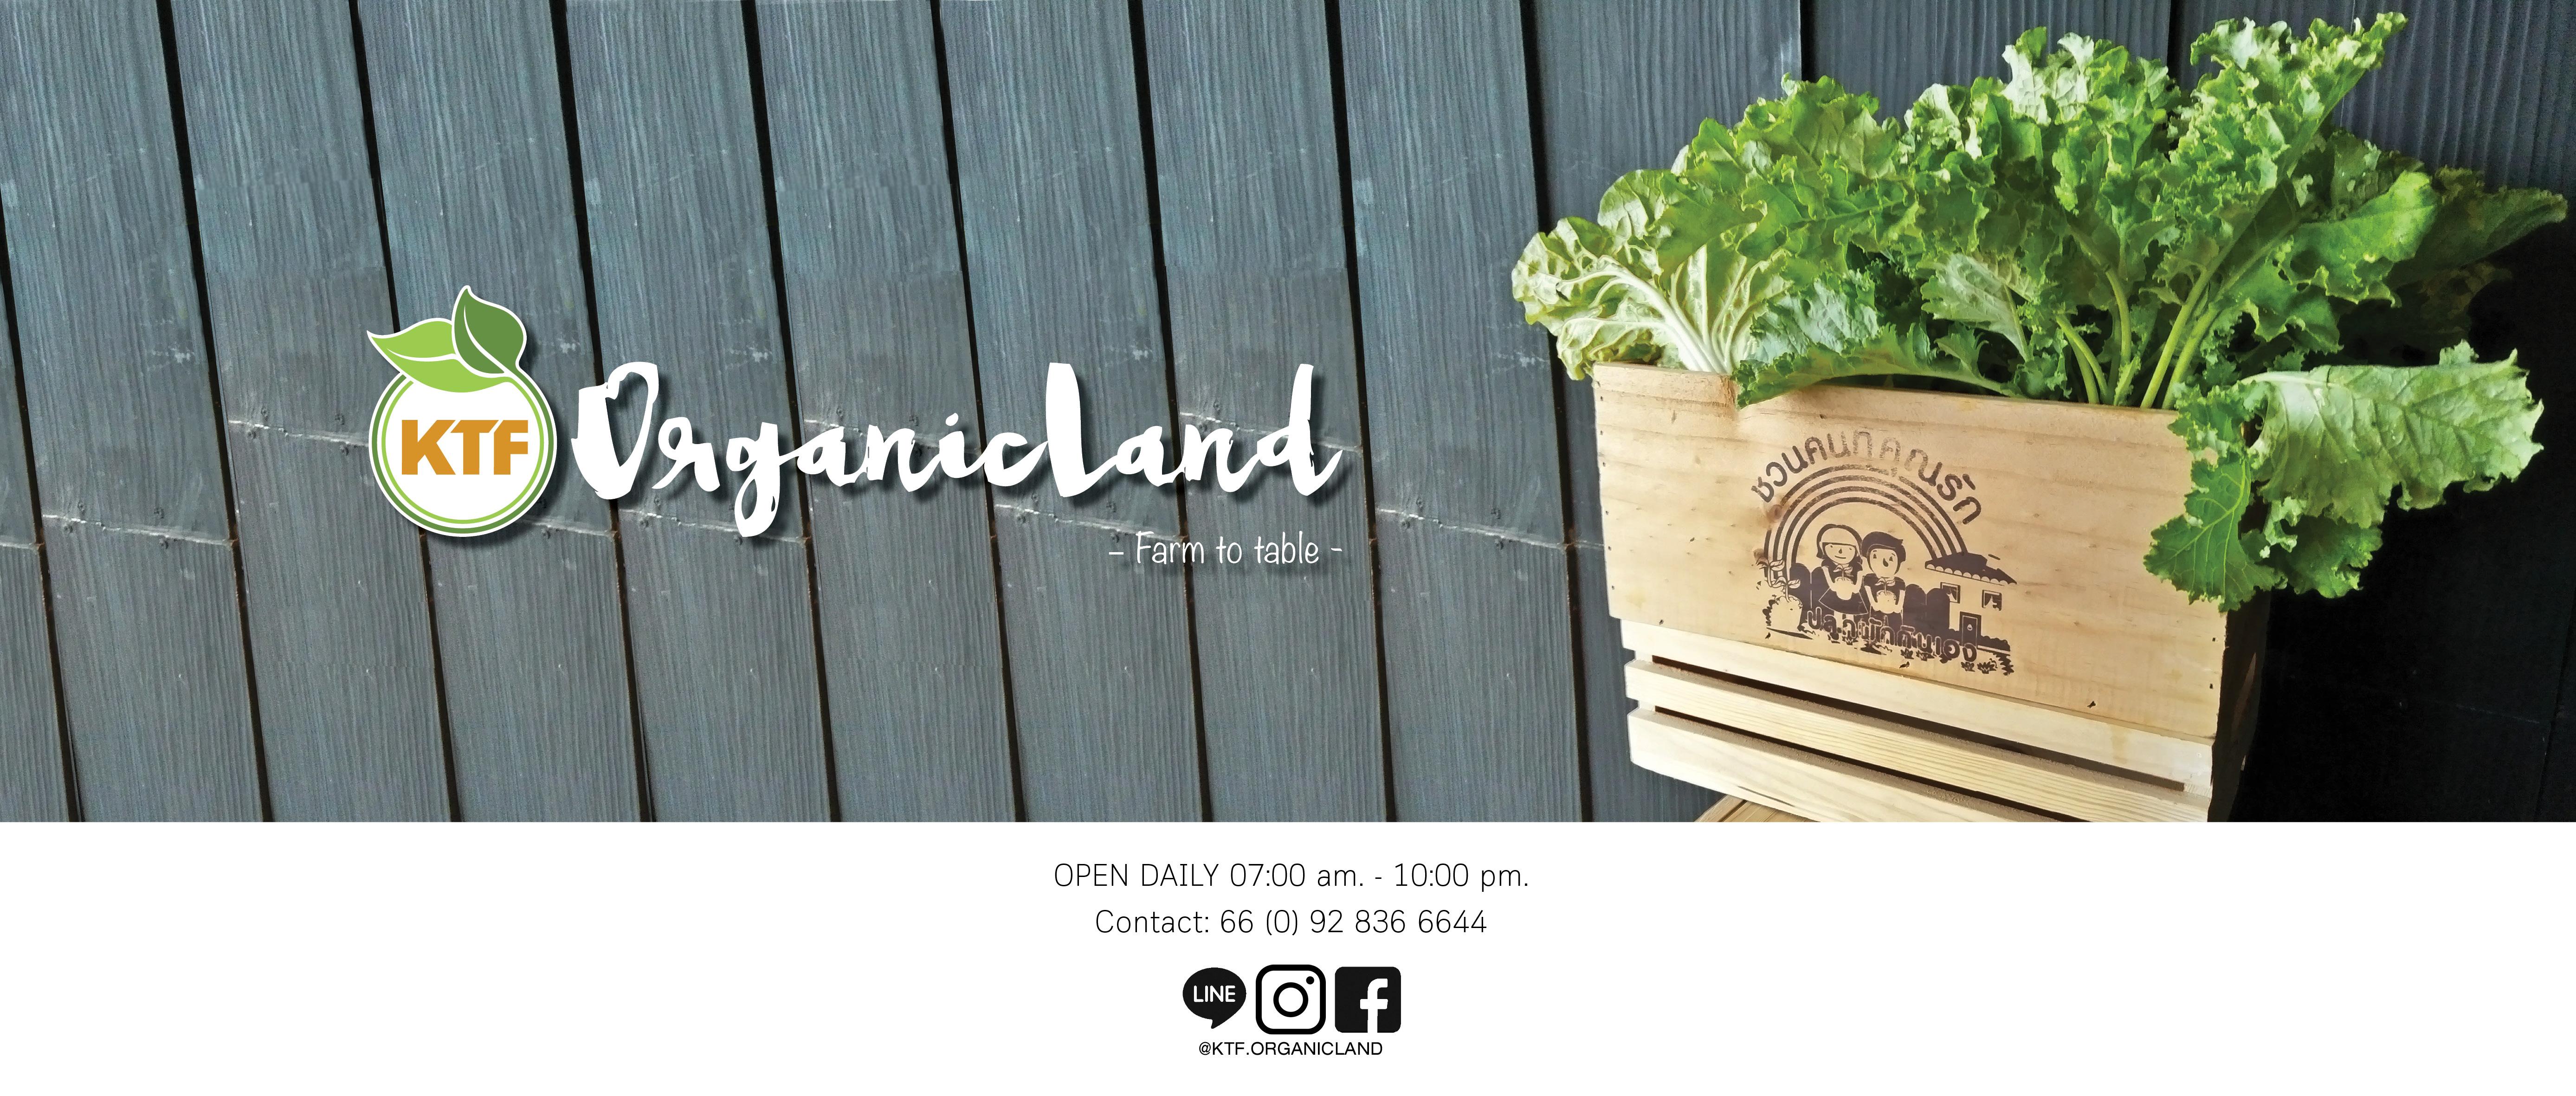 บริษัท ปุ๋ยอินทรีย์เกษตรไทย จำกัด    KTF KASET THAI    KTF Organic Land